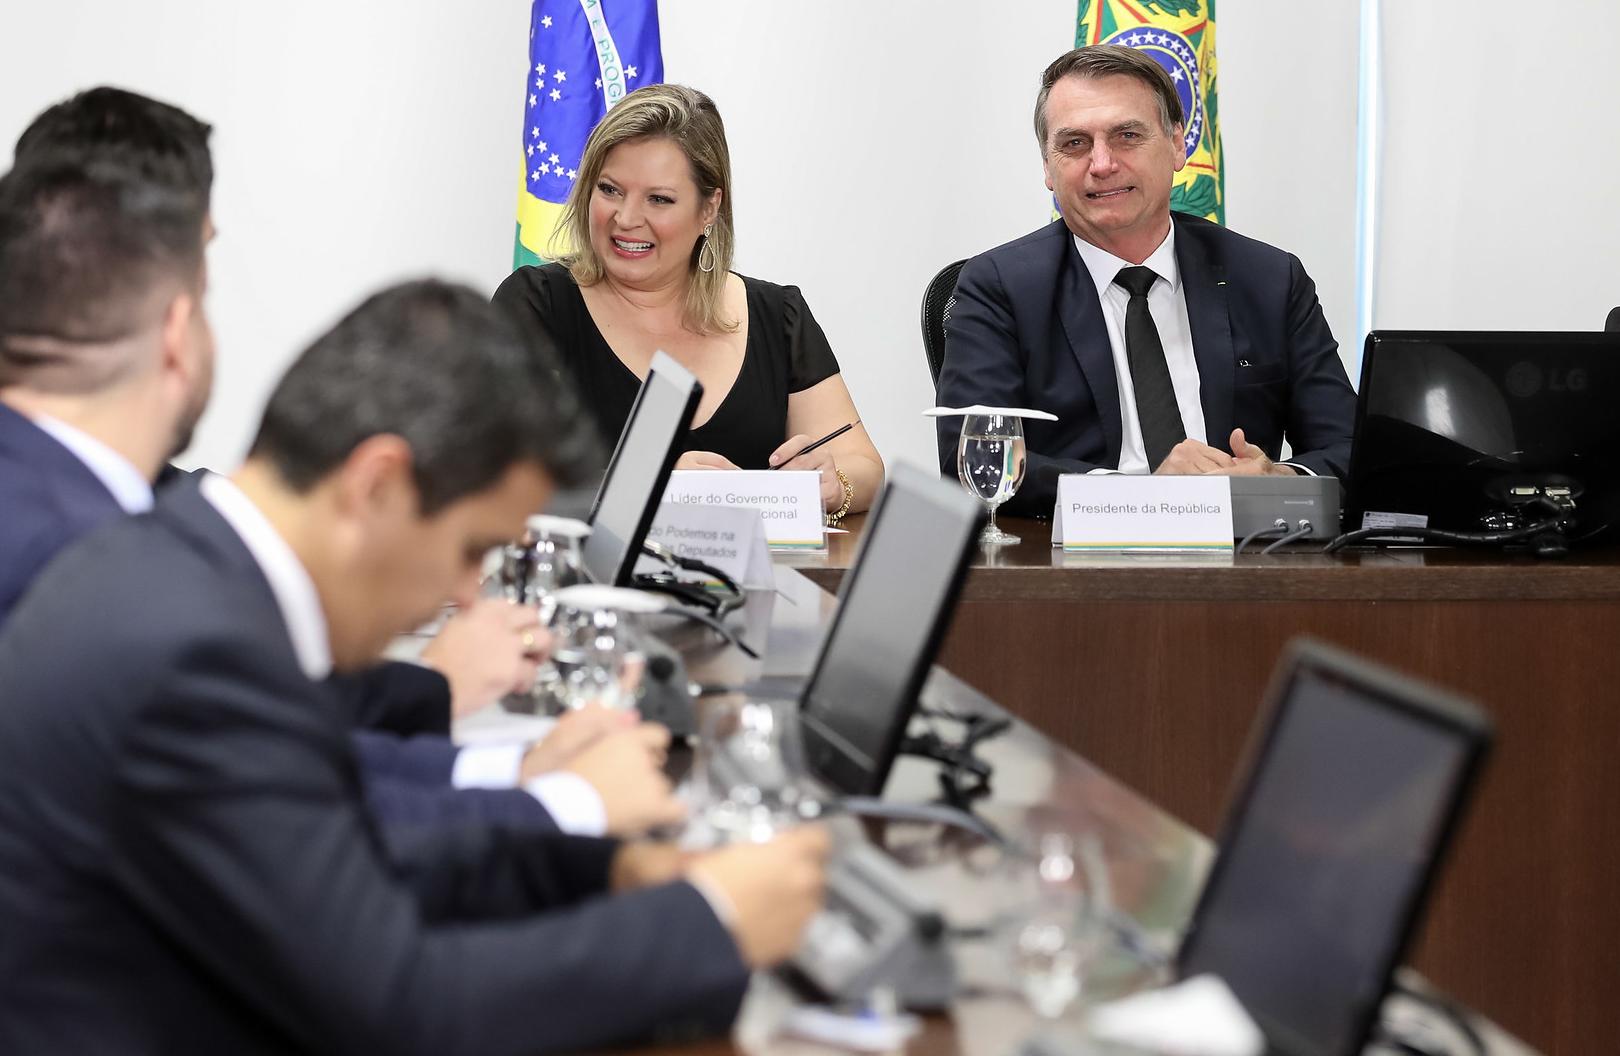 Mudanças foram acertadas após reunião com o presidente Jair Bolsonaro